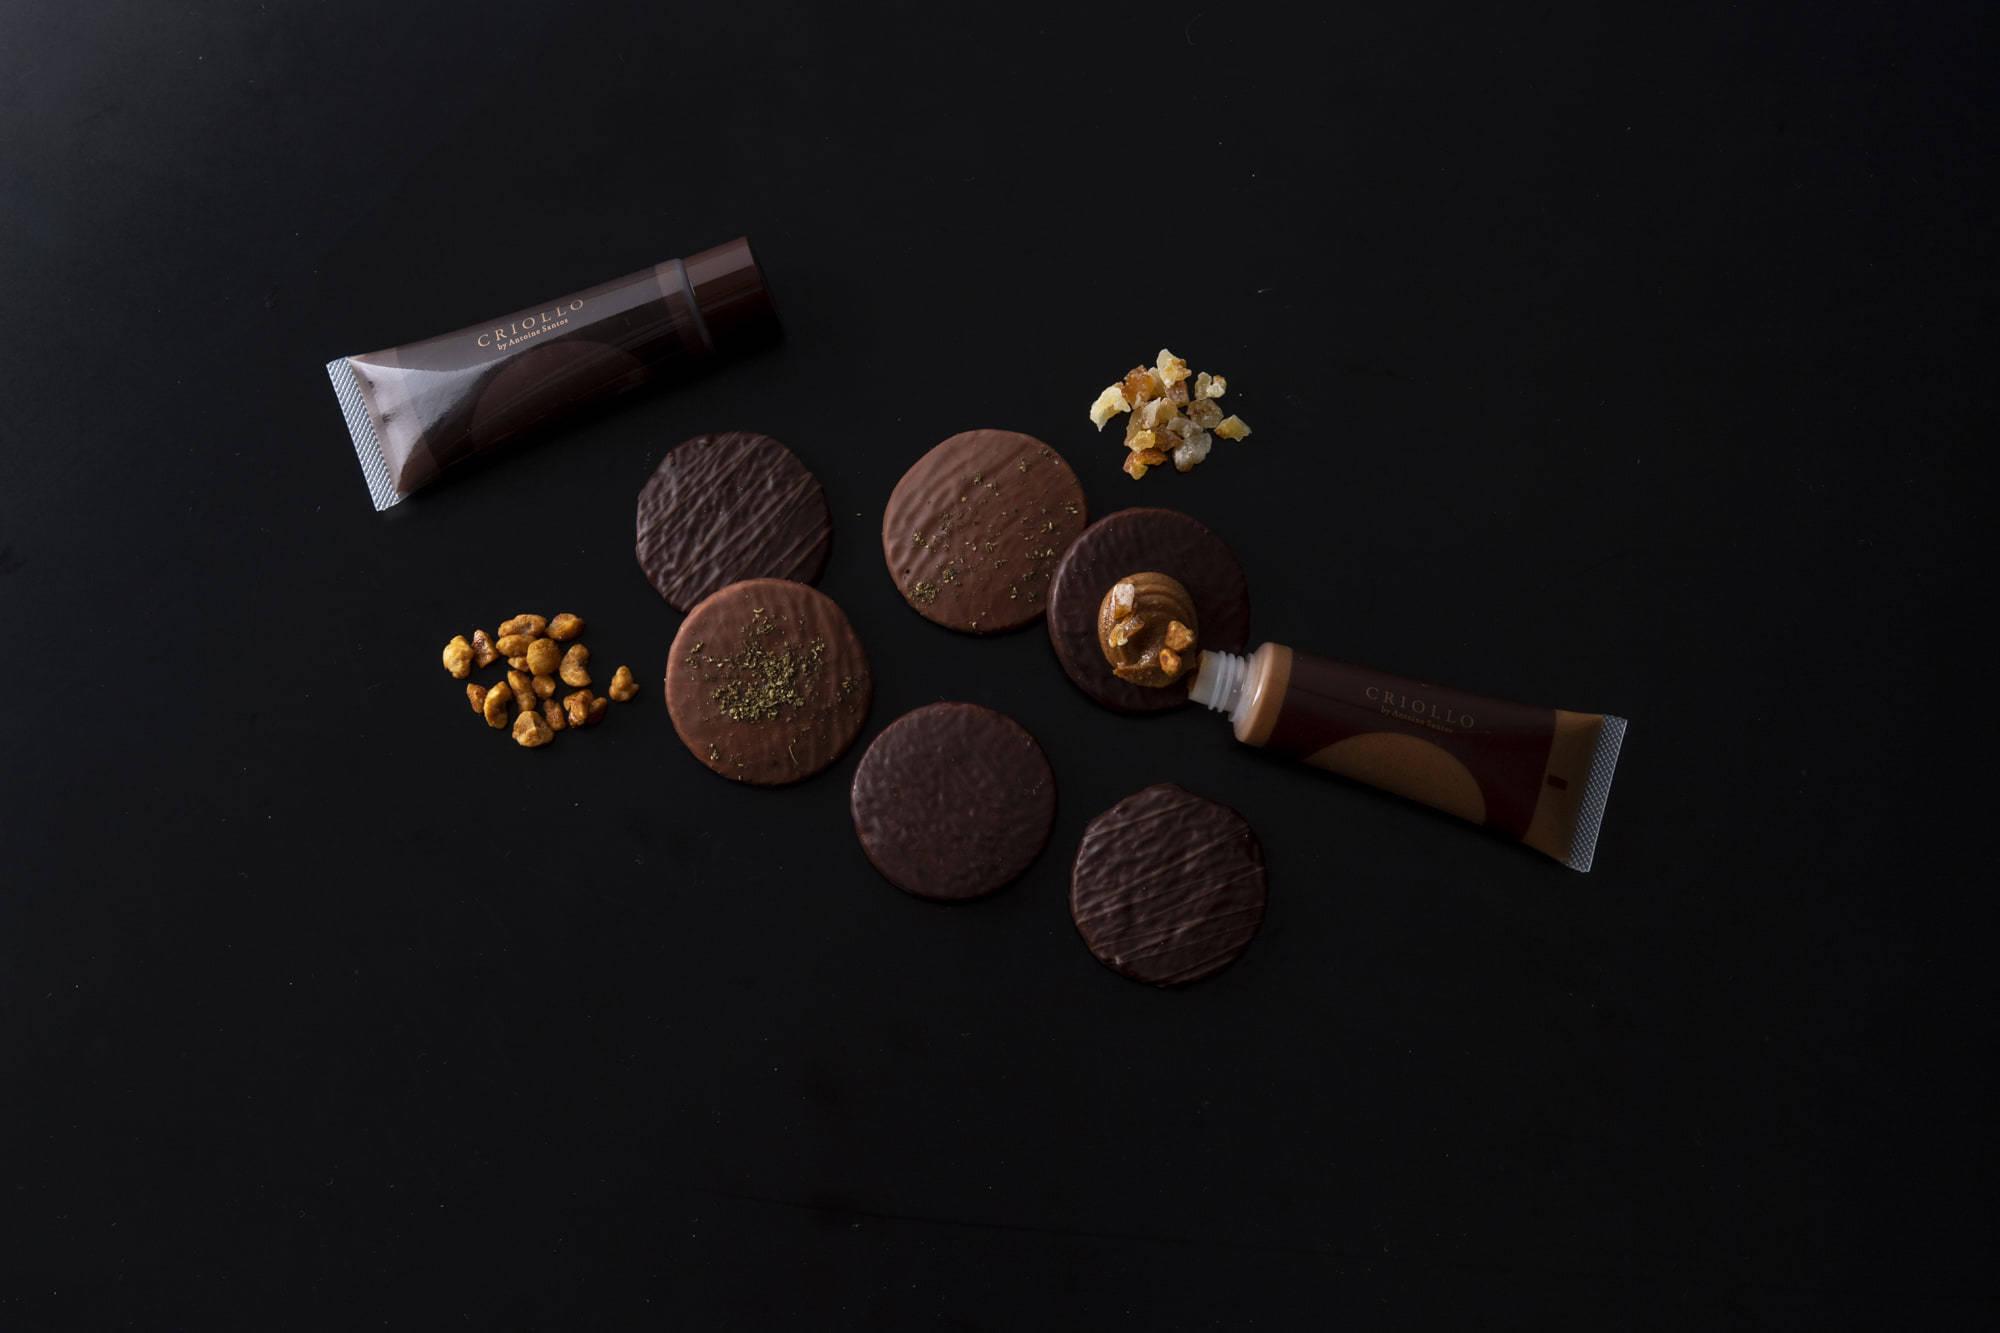 サブレ3種(ブラックチョコレート、山椒&ミルクチョコ、乾燥クレープ&ブラックチョコレート)とプラリネクリーム、チョコレートナッツクリーム、トッピングのヘーゼルナッツとオレンジピールが入った「パレット・ショコラ」。¥2,500(税込)